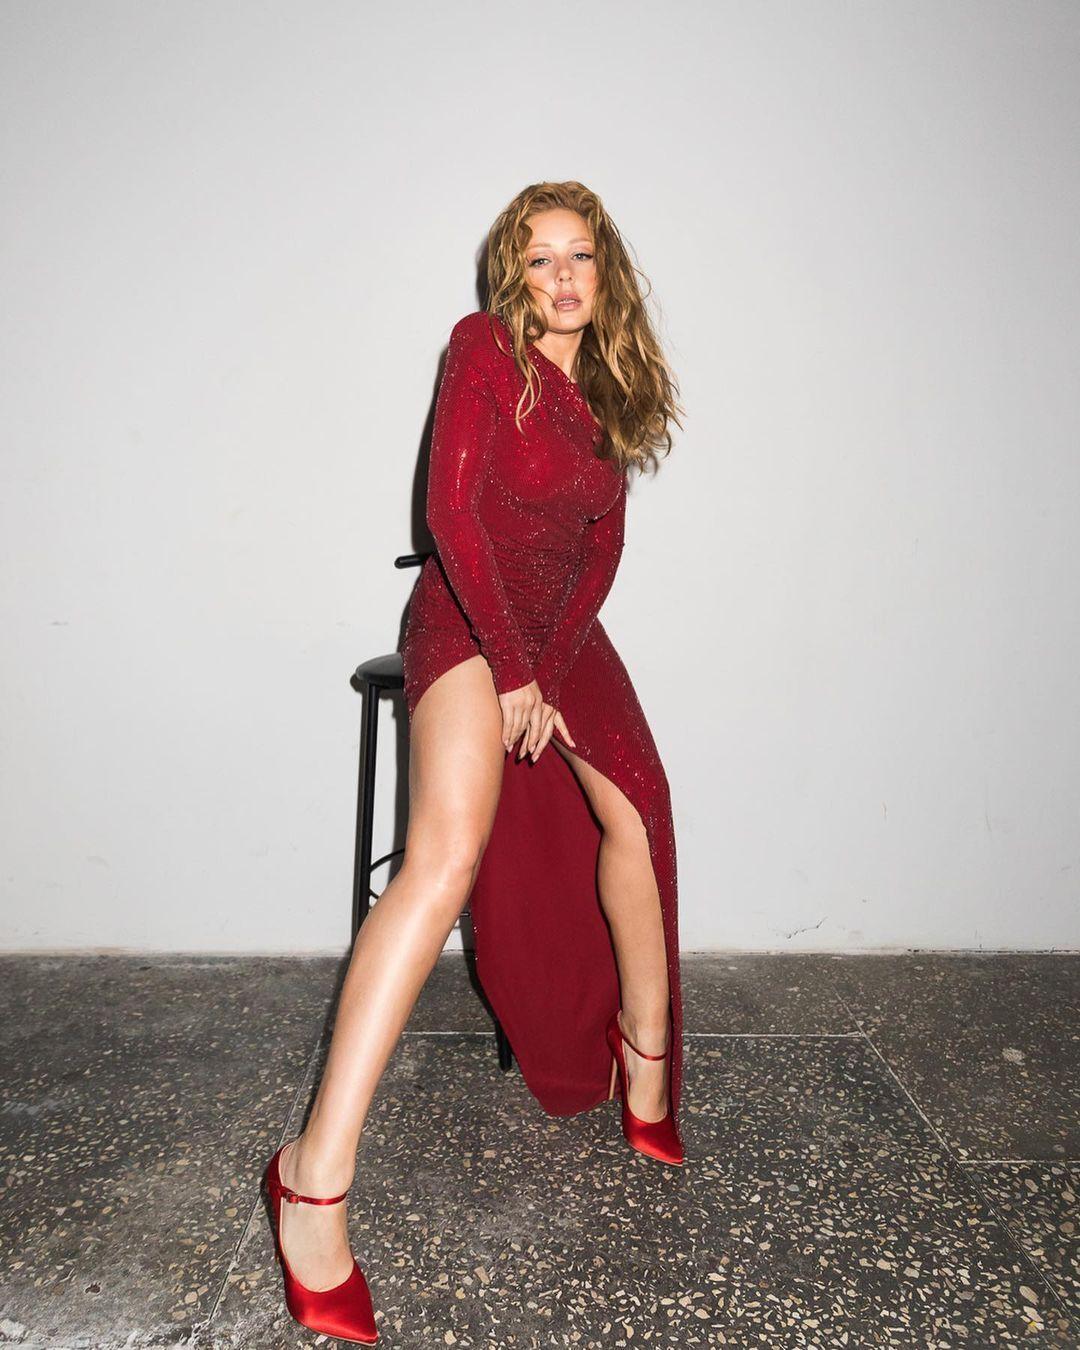 Тина Кароль засветила ноги в откровенном платье